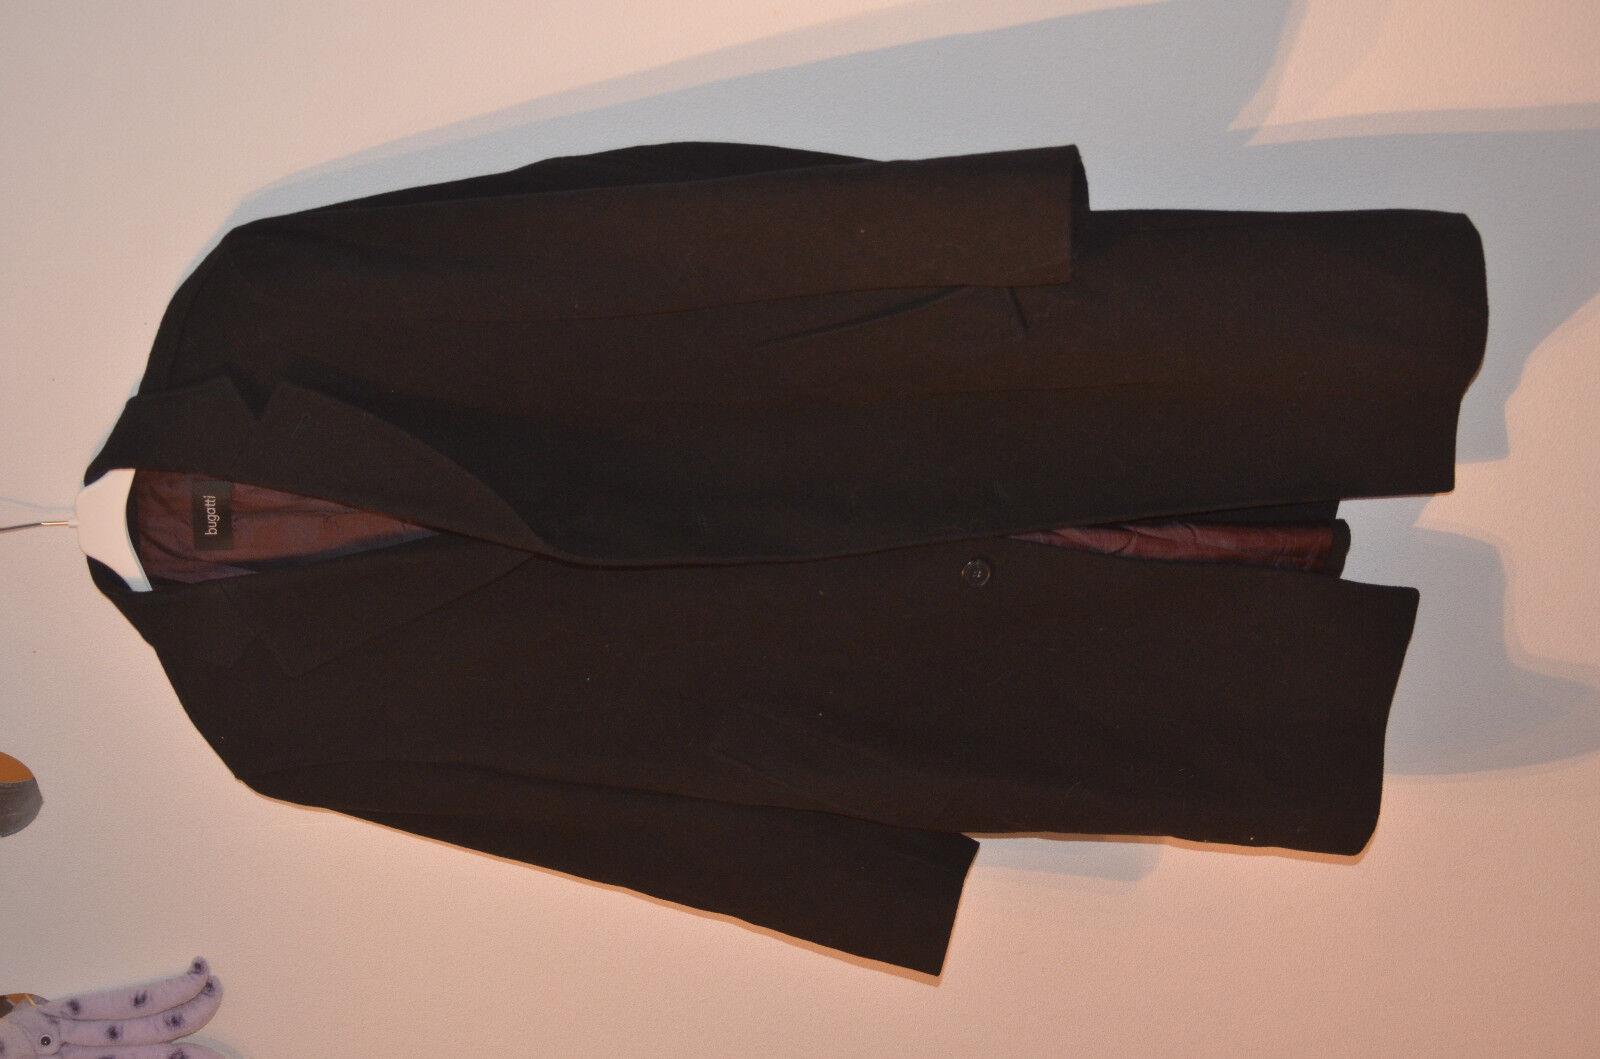 Bugatti Herren Mantel kurz, Größe 27, schwarz, sehr elegant, neuwertig, s. Fotos